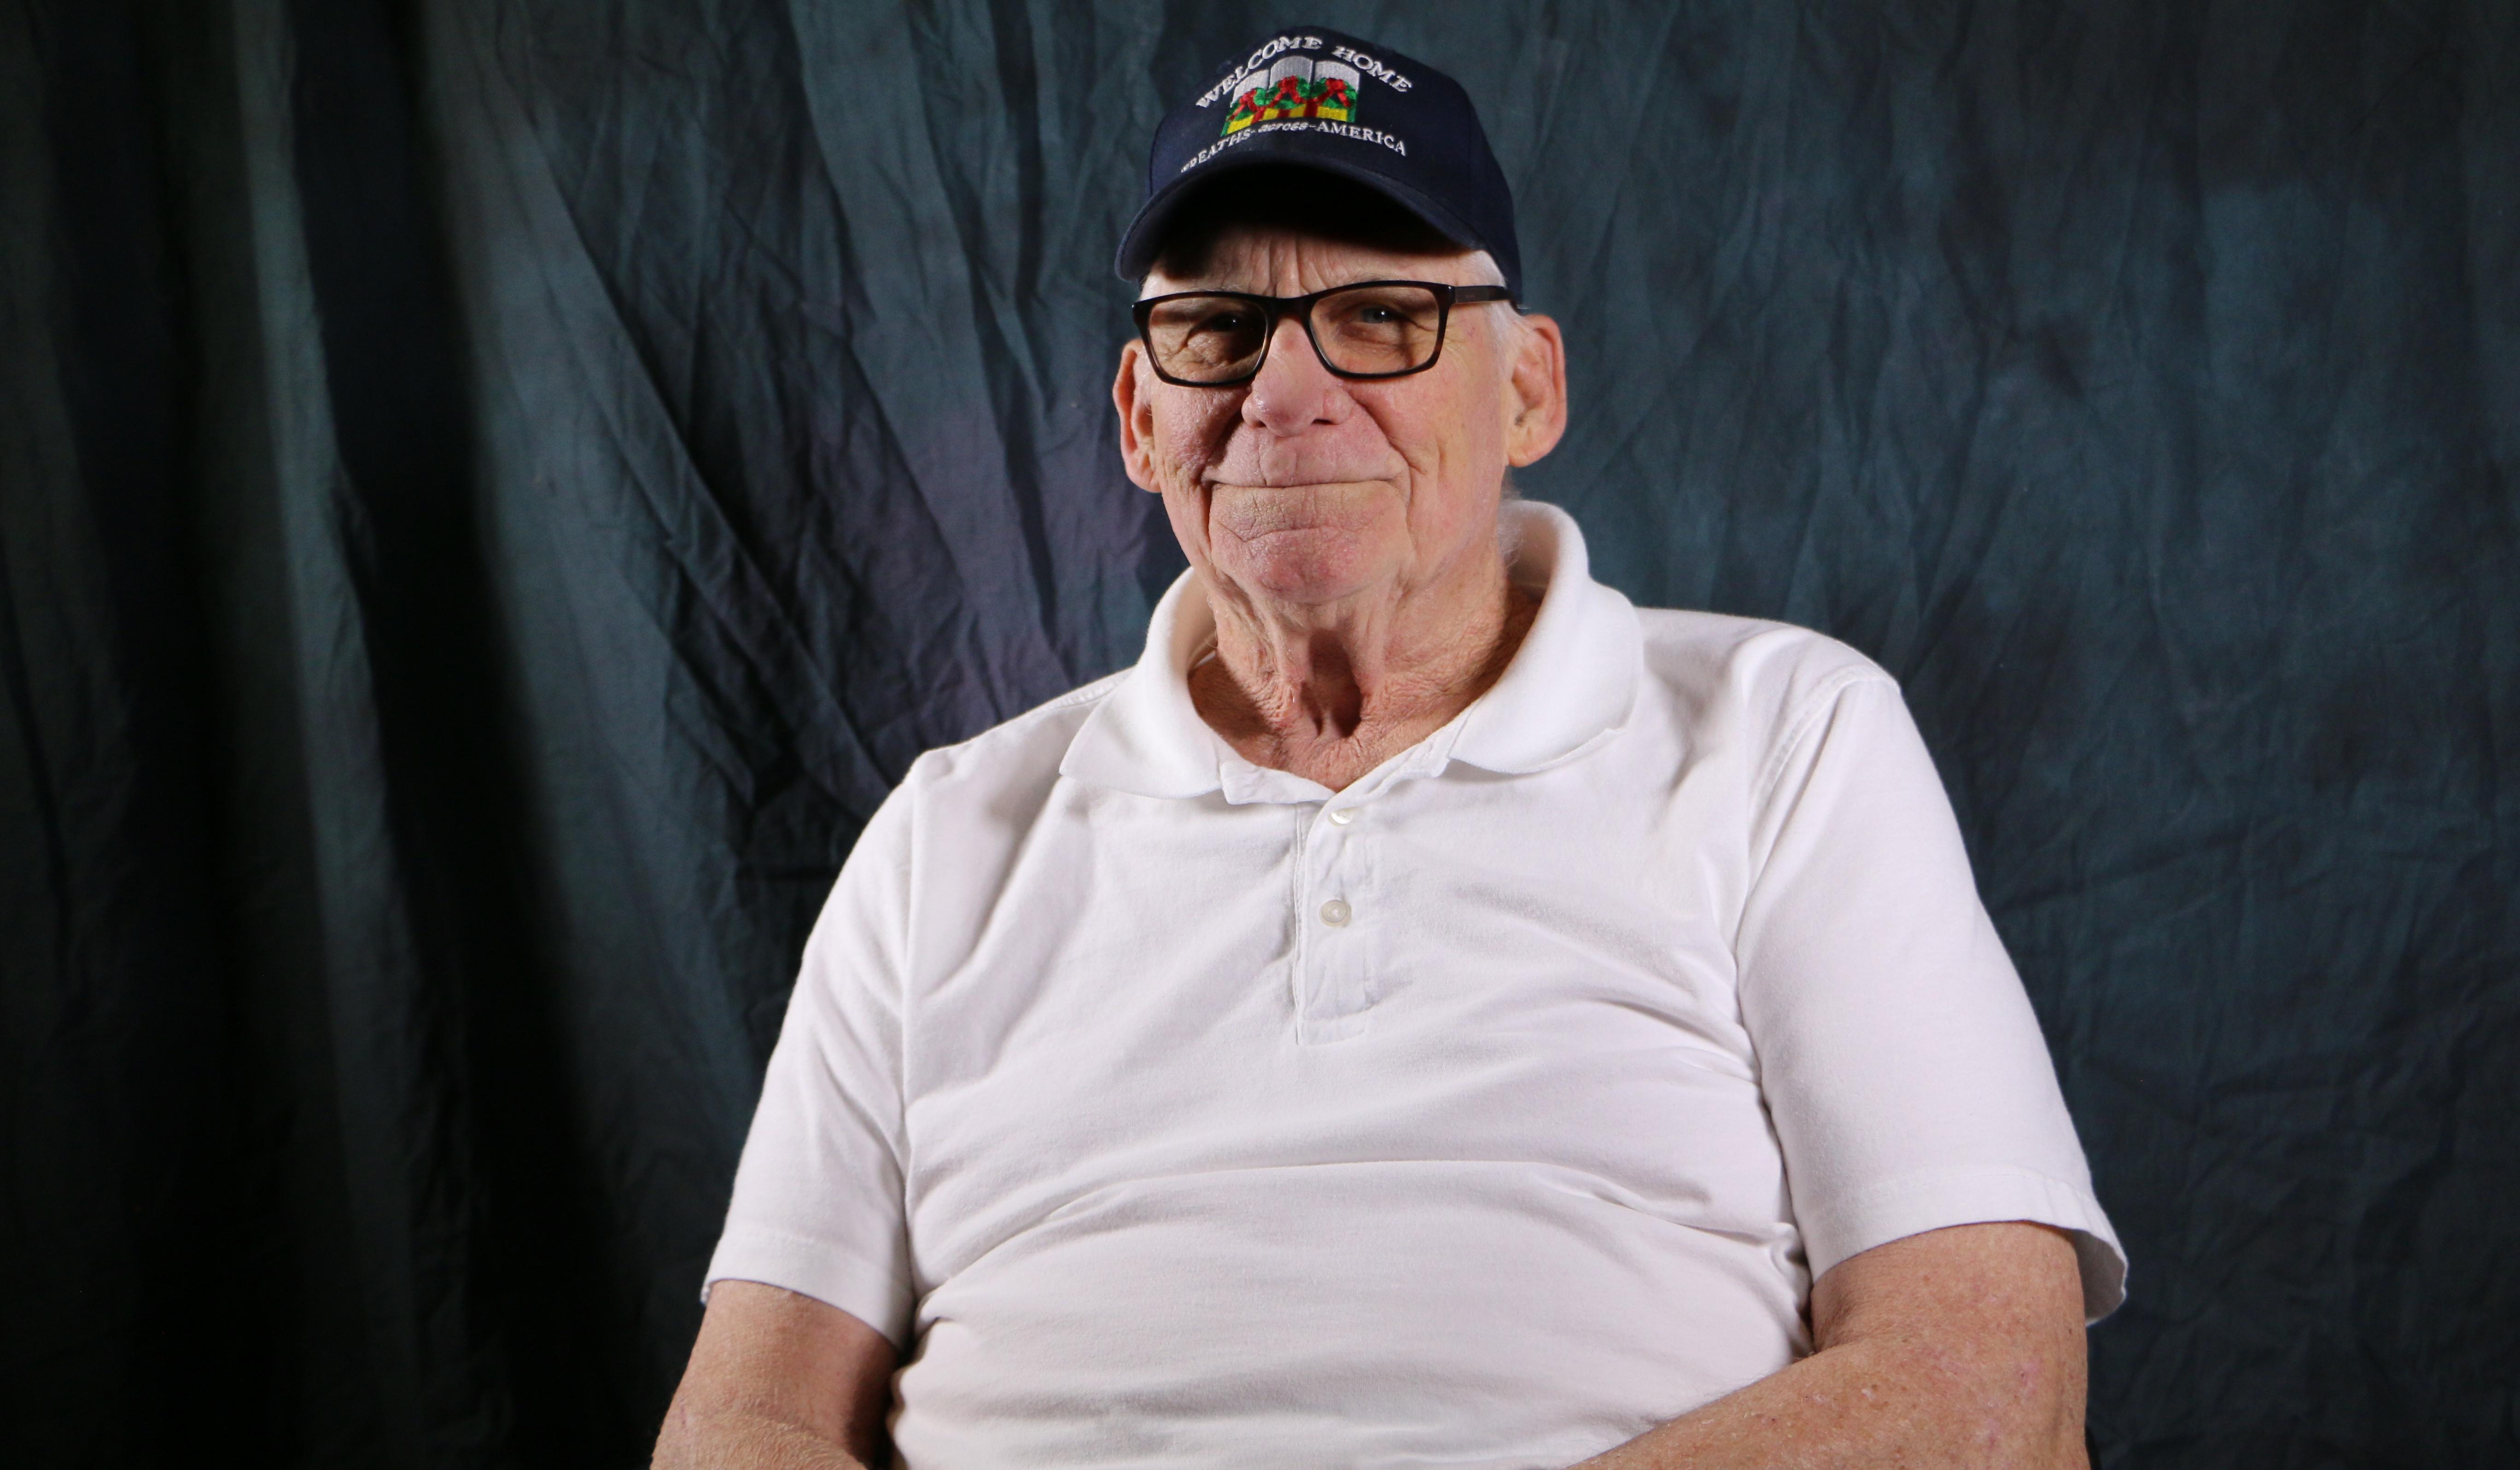 Veteran Hank Stence